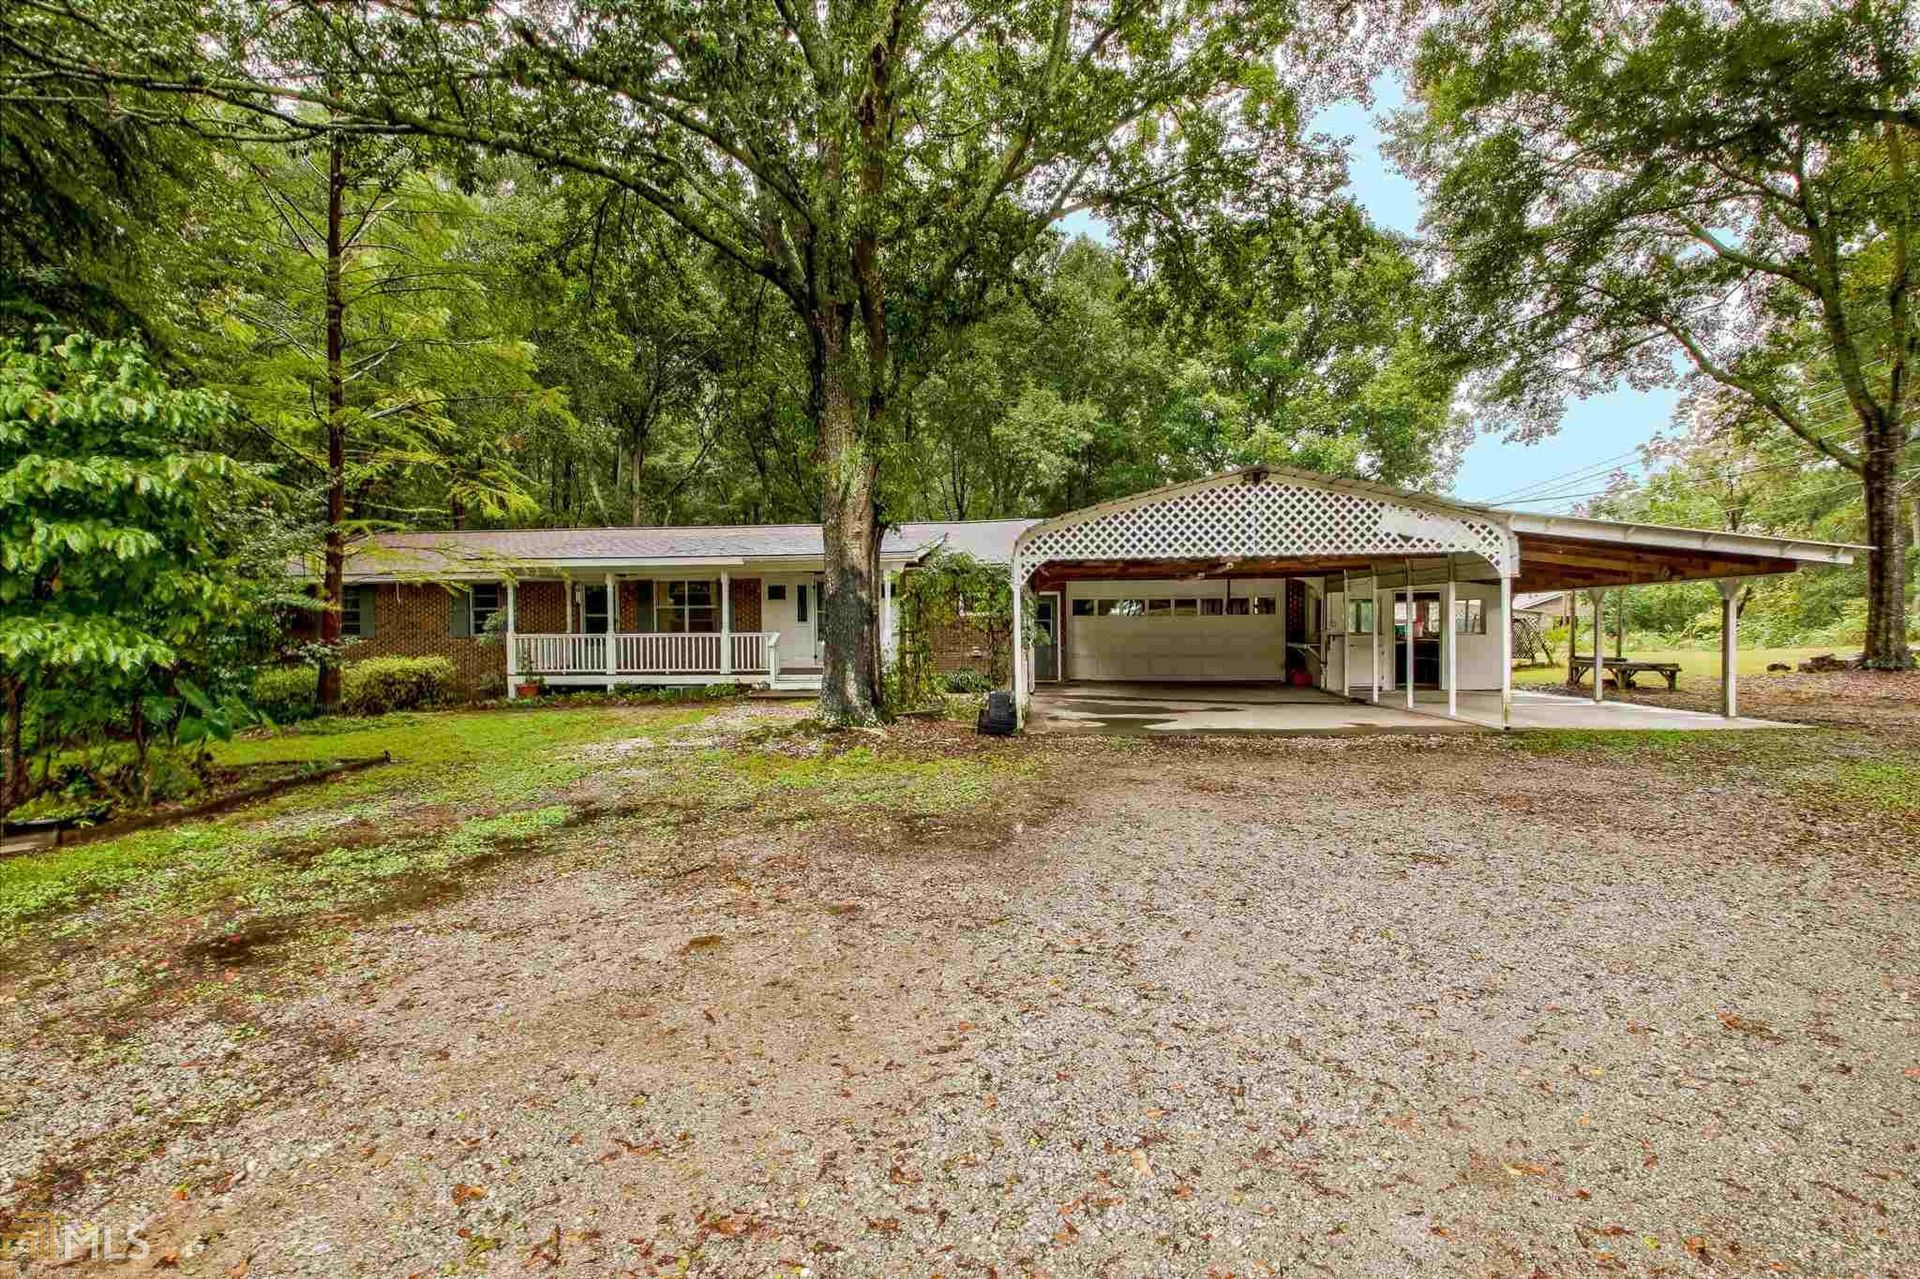 157 New Hope Rd, Fayetteville, GA 30214 - MLS#: 8863453